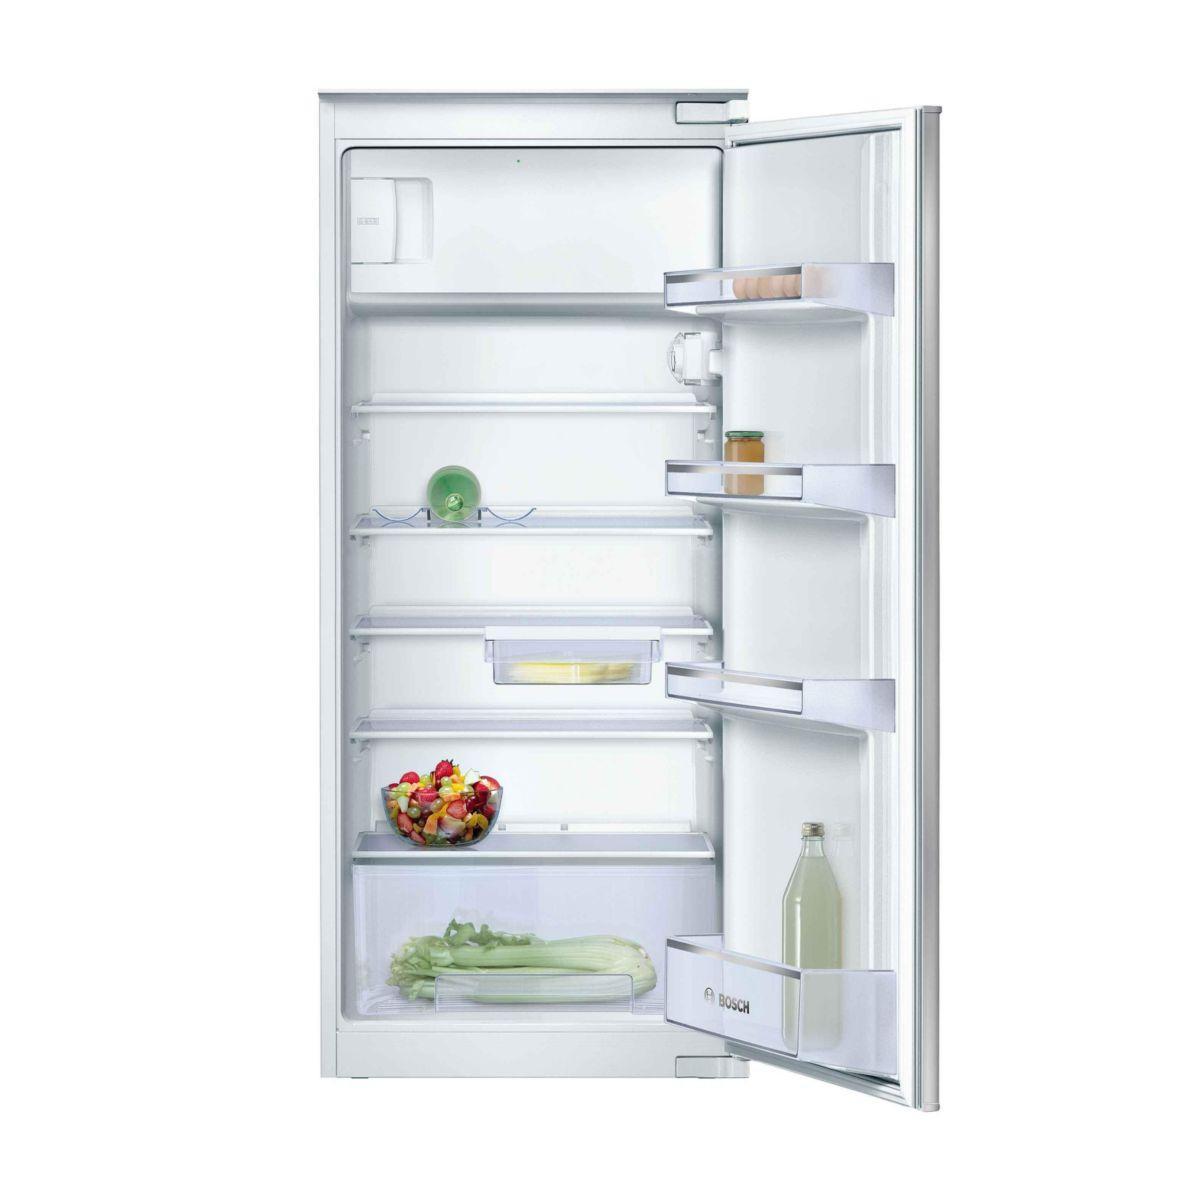 Réfrigérateur intégrable freezer bosch kil24v21ff - 2% de remise immédiate avec le code : cool2 (photo)